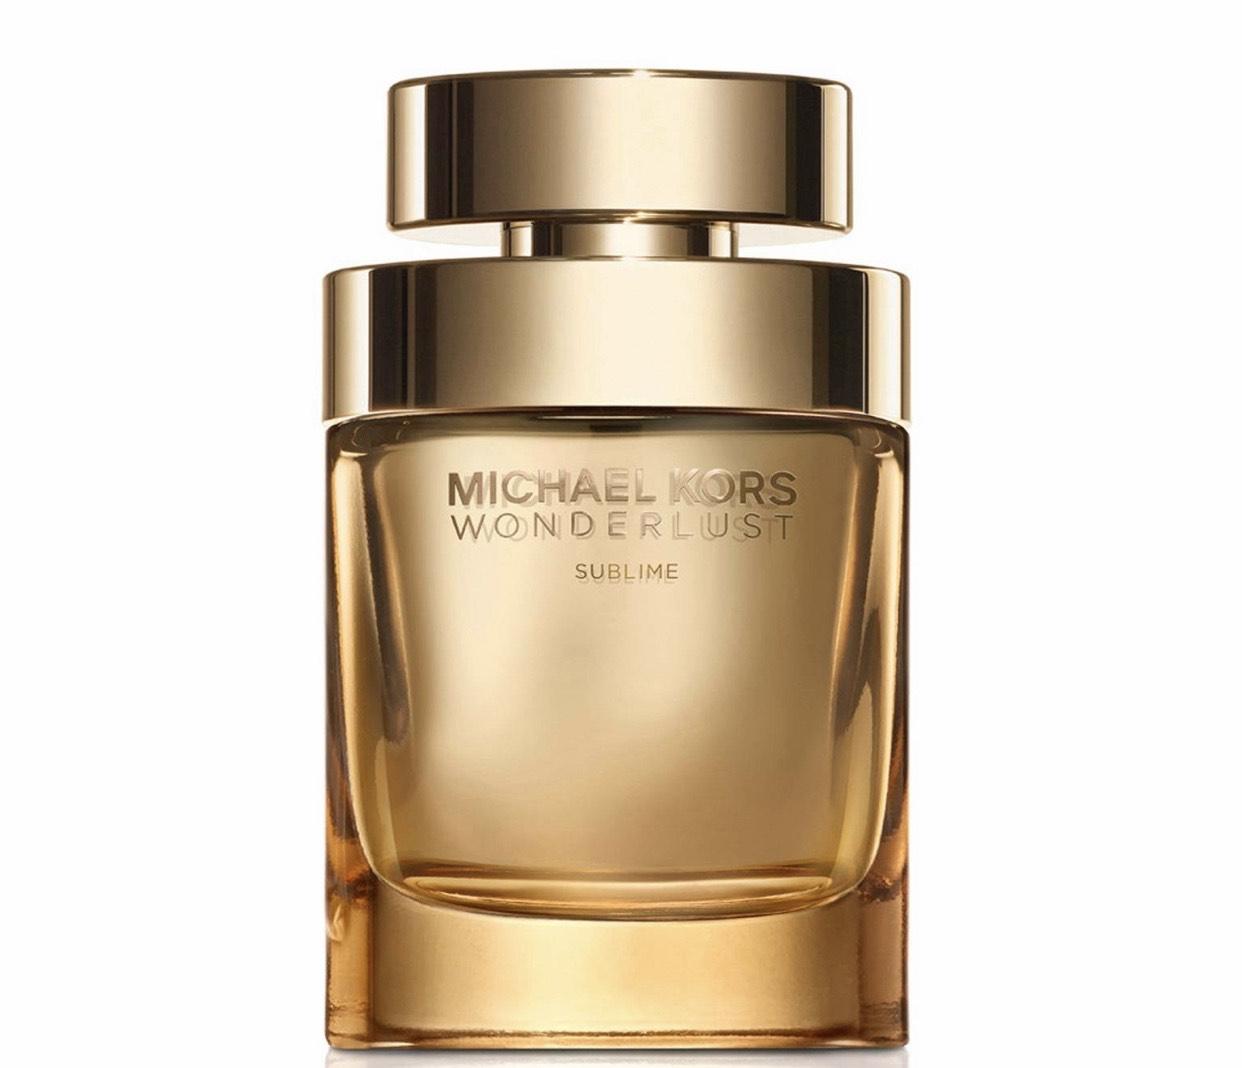 Michael Kors - 'Wonderlust Sublime' Eau de Parfum 100ml £31.49 delivered @ Debenhams